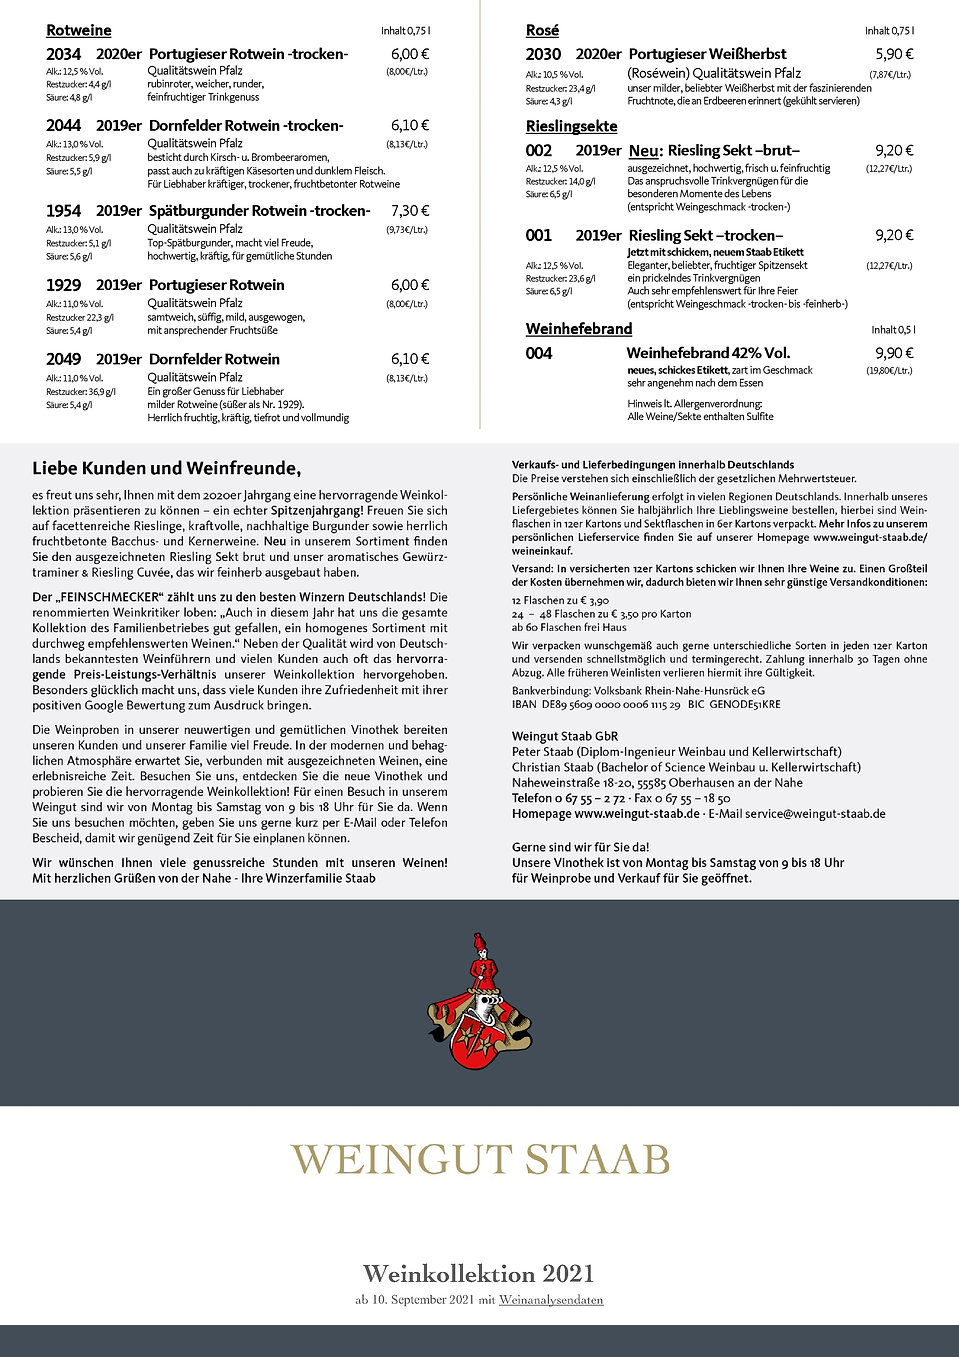 Weinliste 10. 09.2021 Seite 1 für Homepage.jpg